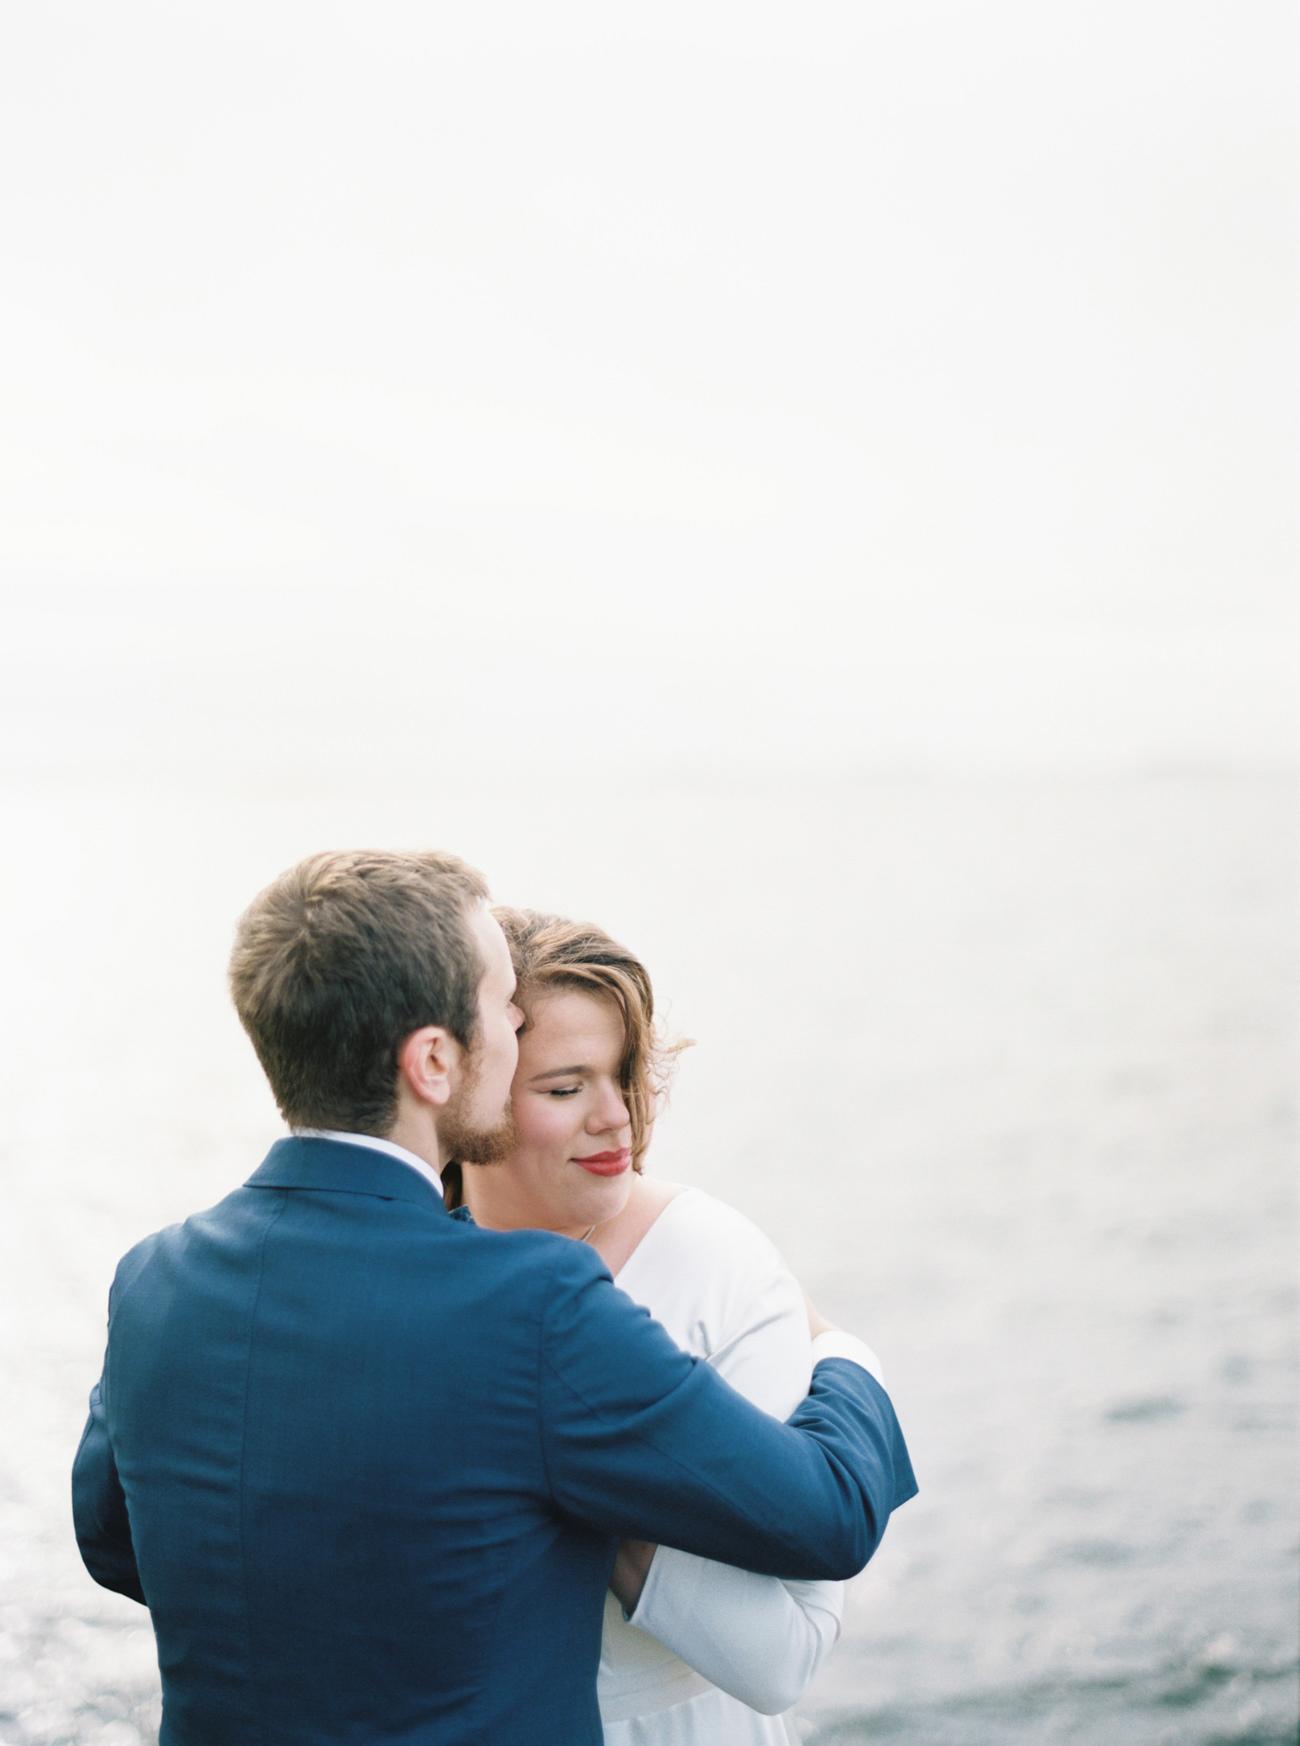 Sofie & Max's Autumn Wedding in Myllysali, Tenalji von Fersen, Suomenlinna, Nord & Mae, Susanna Nordvall, Hääkuvaus, Hääkuvaaja, Dokumentaarinen hääkuvaus, Helsinki (108).jpg